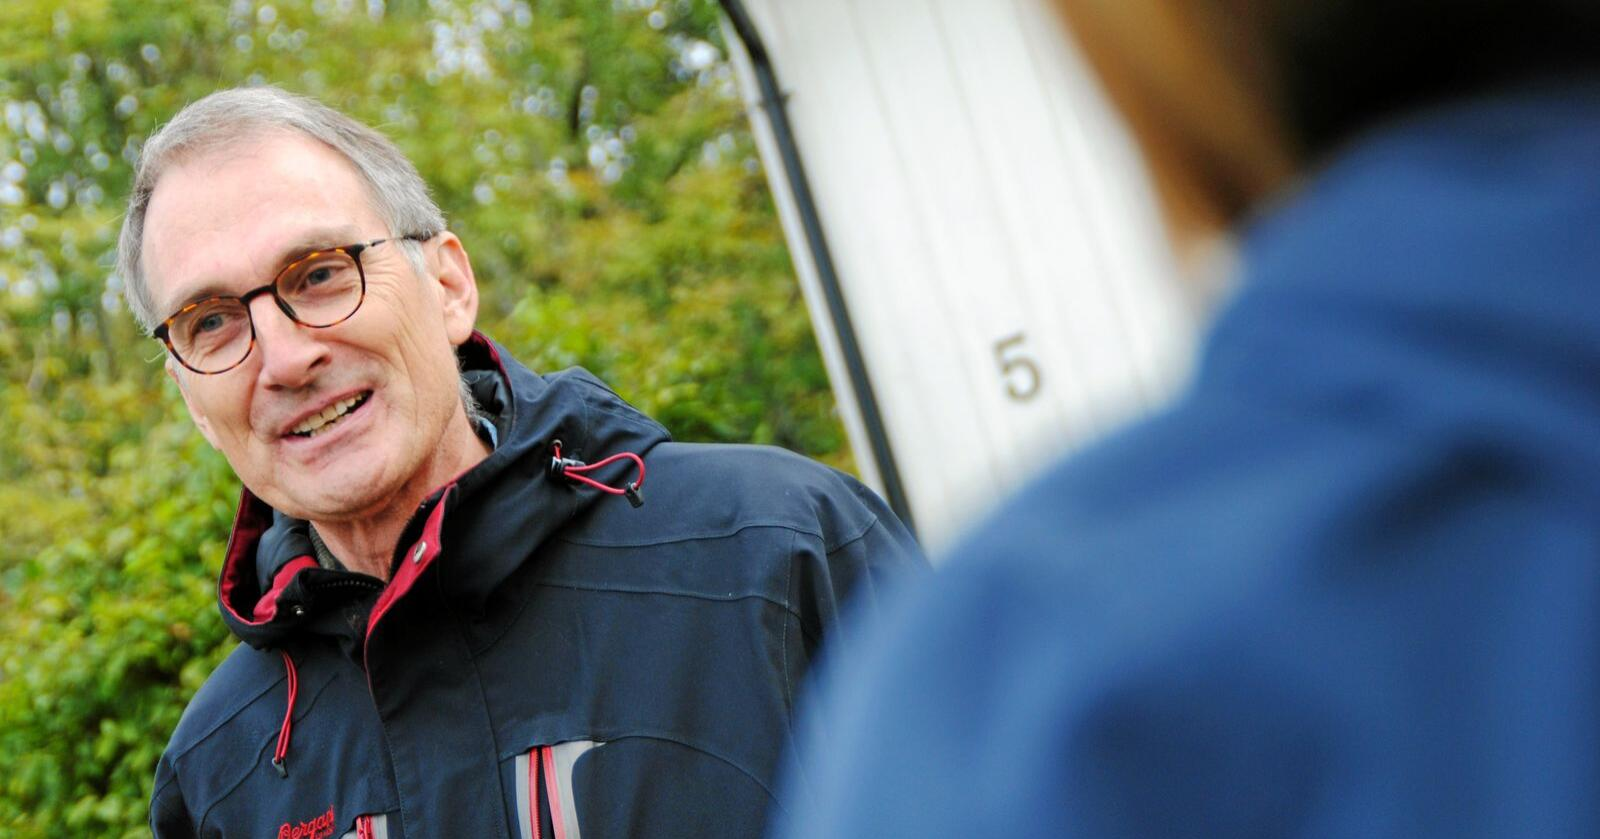 Landbrukspolitisk talsperson for Miljøpartiet De Grønne, Harald Moskvil, er selv bonde. Foto: Lars Bilit Hagen